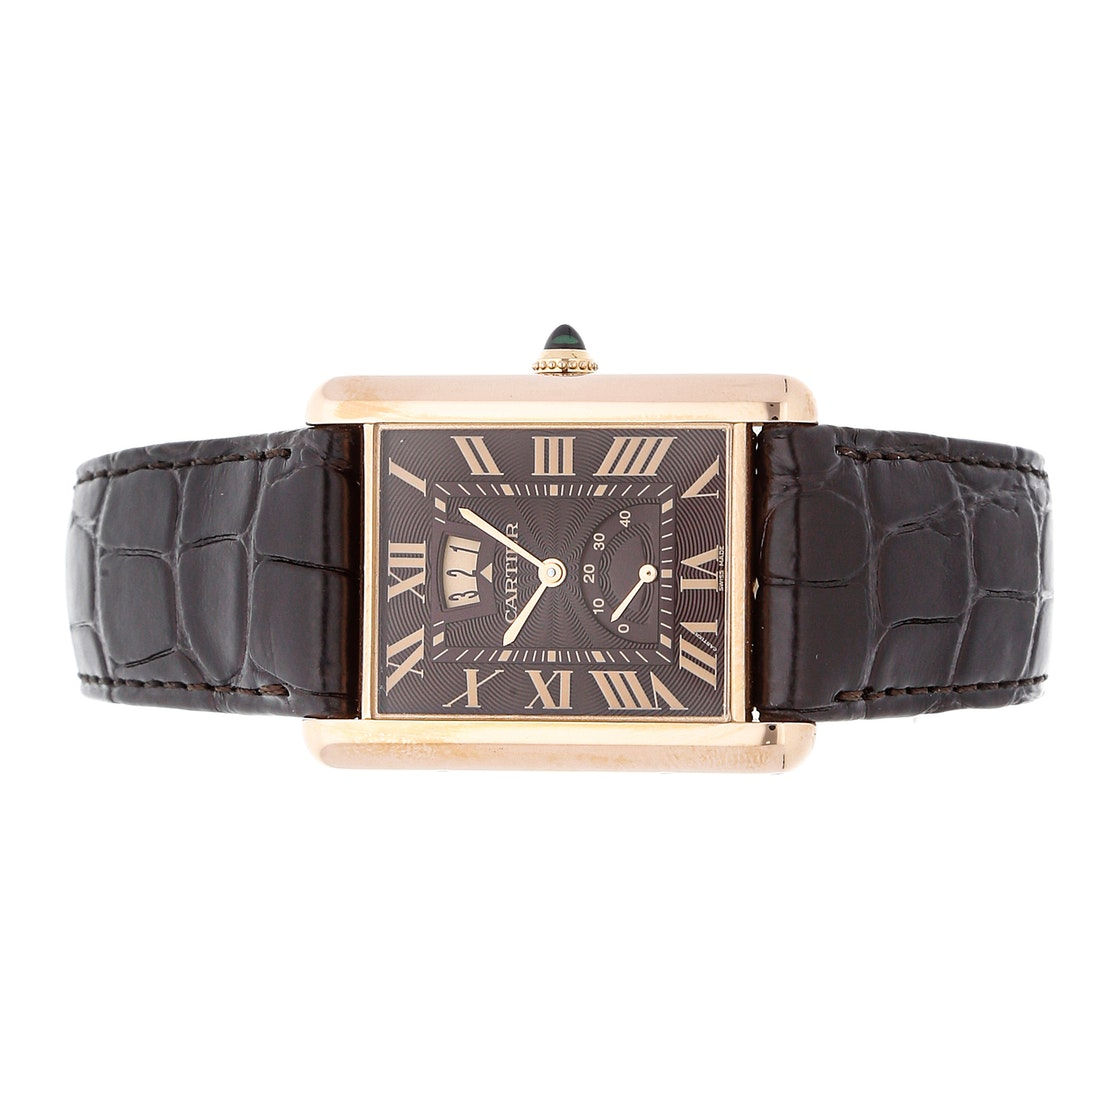 Cartier Tank Louis Cartier W1560002